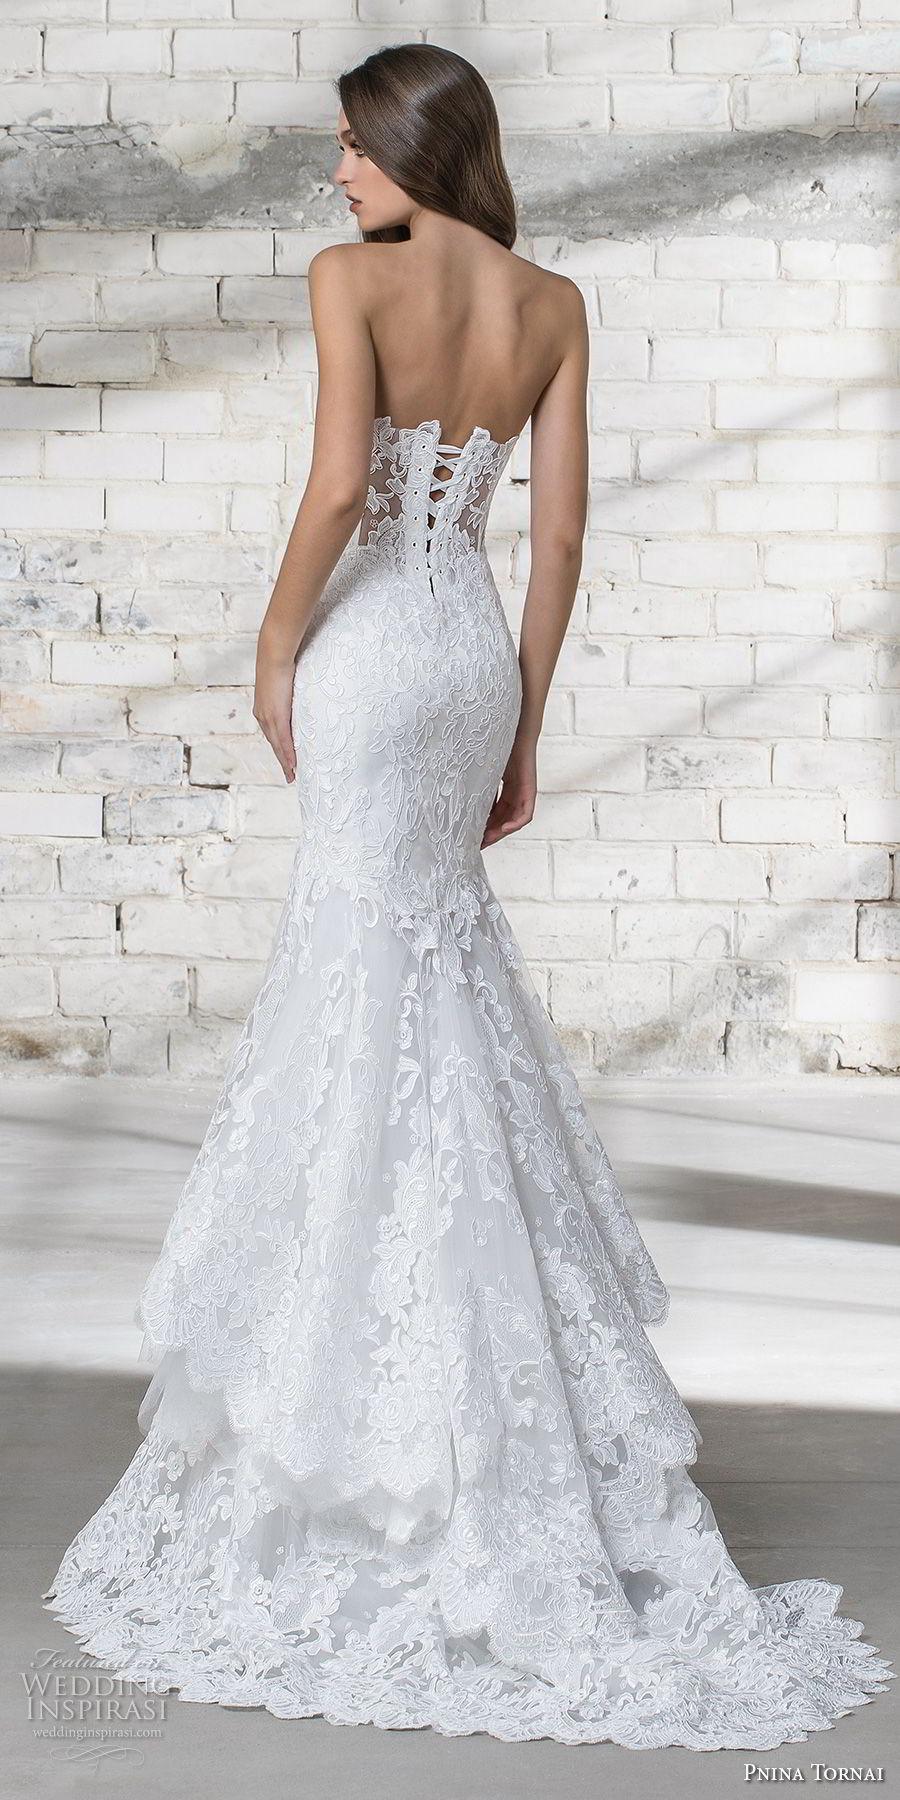 Pnina Tornai 2019 Wedding Dresses Love Bridal Collection Wedding Inspirasi